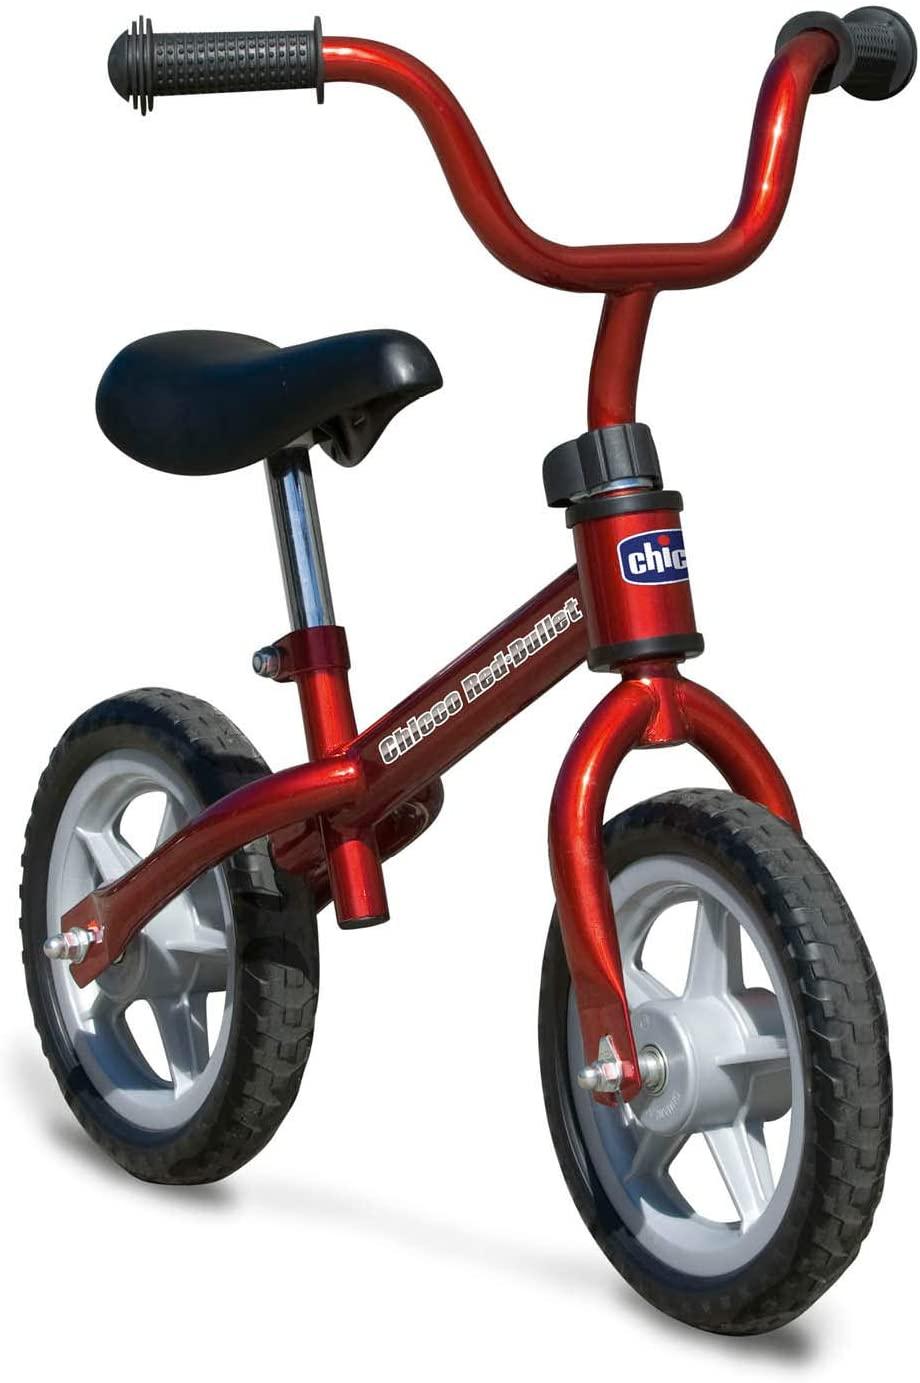 Cette draisienne Chicco rouge a des pneus increvables.